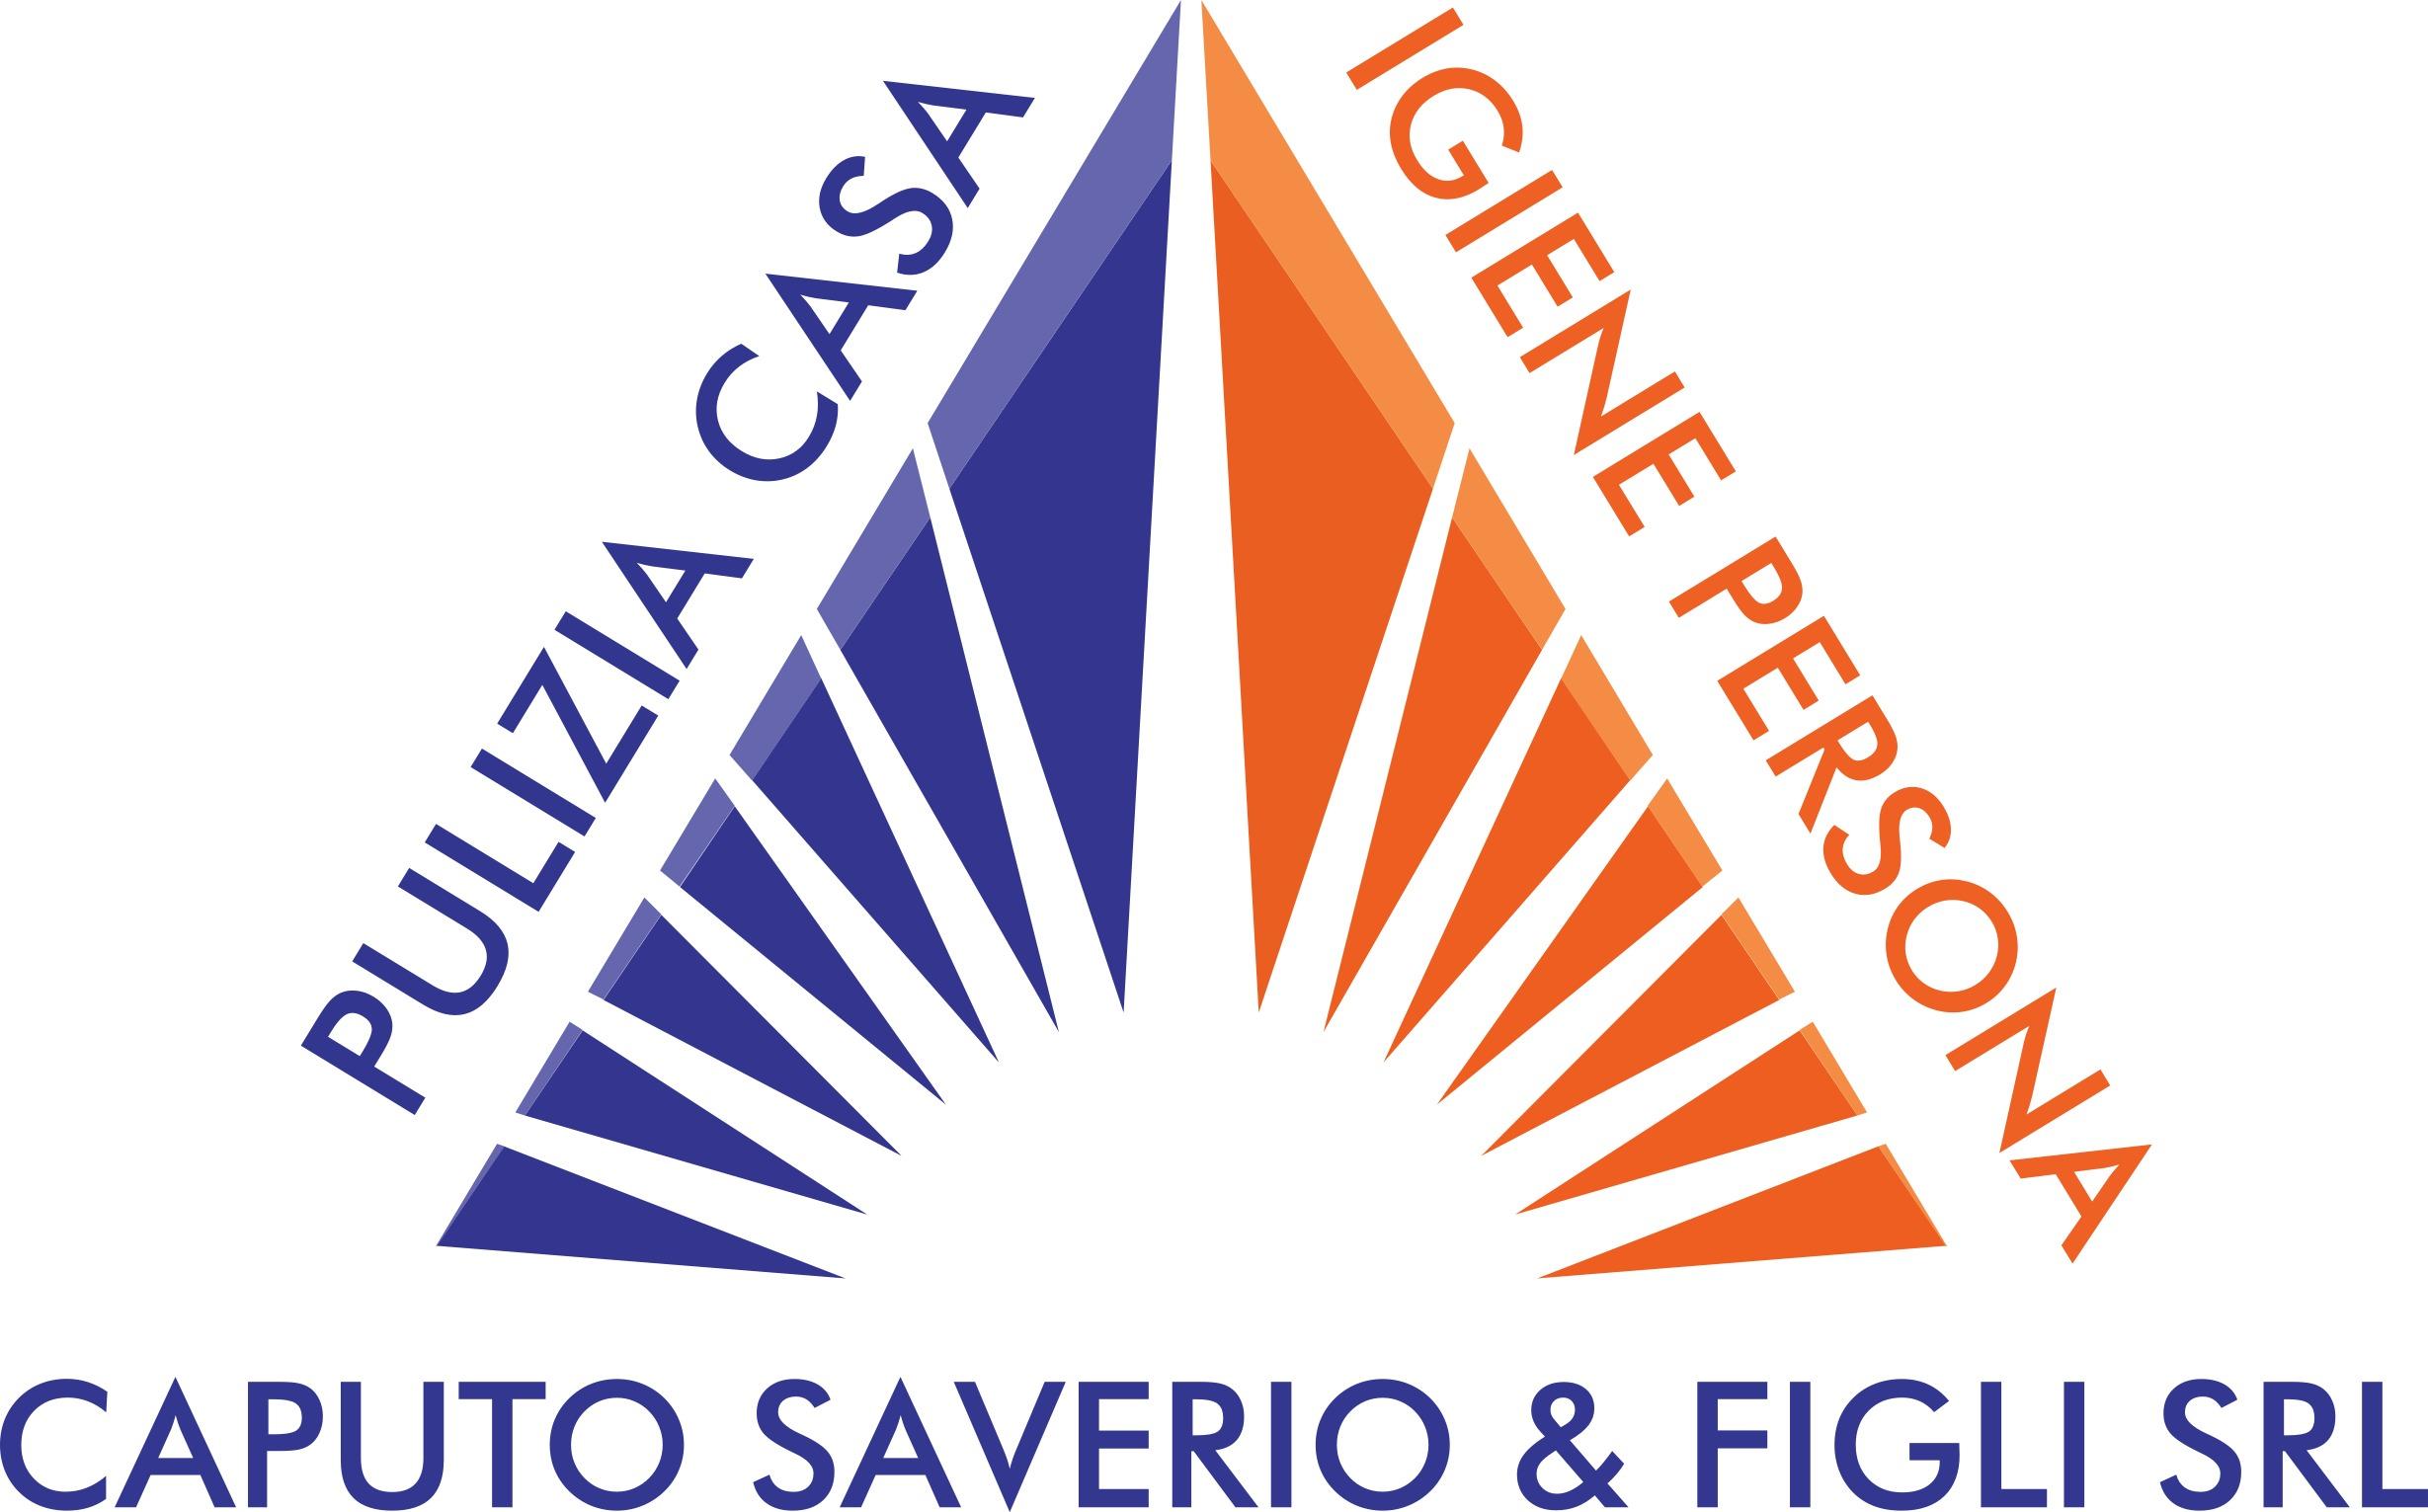 Logo Caputo Saverio & Figli SRL GDO (Grande Distribuzione Organizzata)